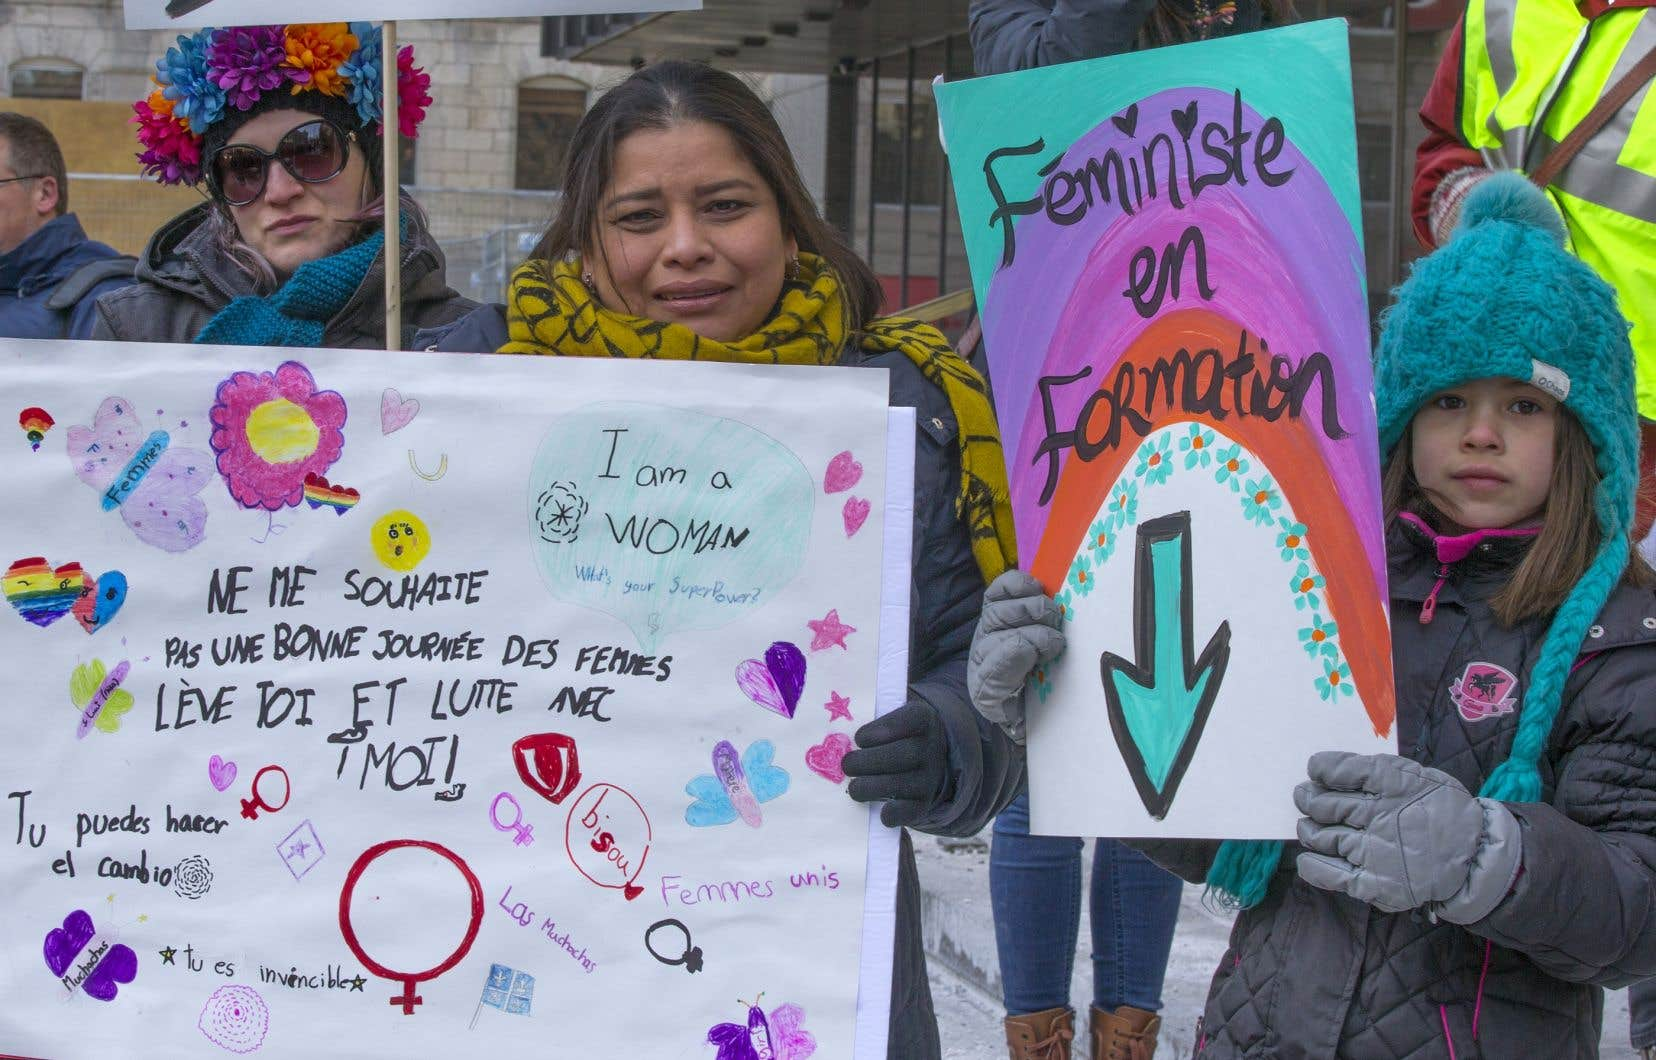 Manifestation à l'occasion de la Journée international des femmes en 2019 à Montréal